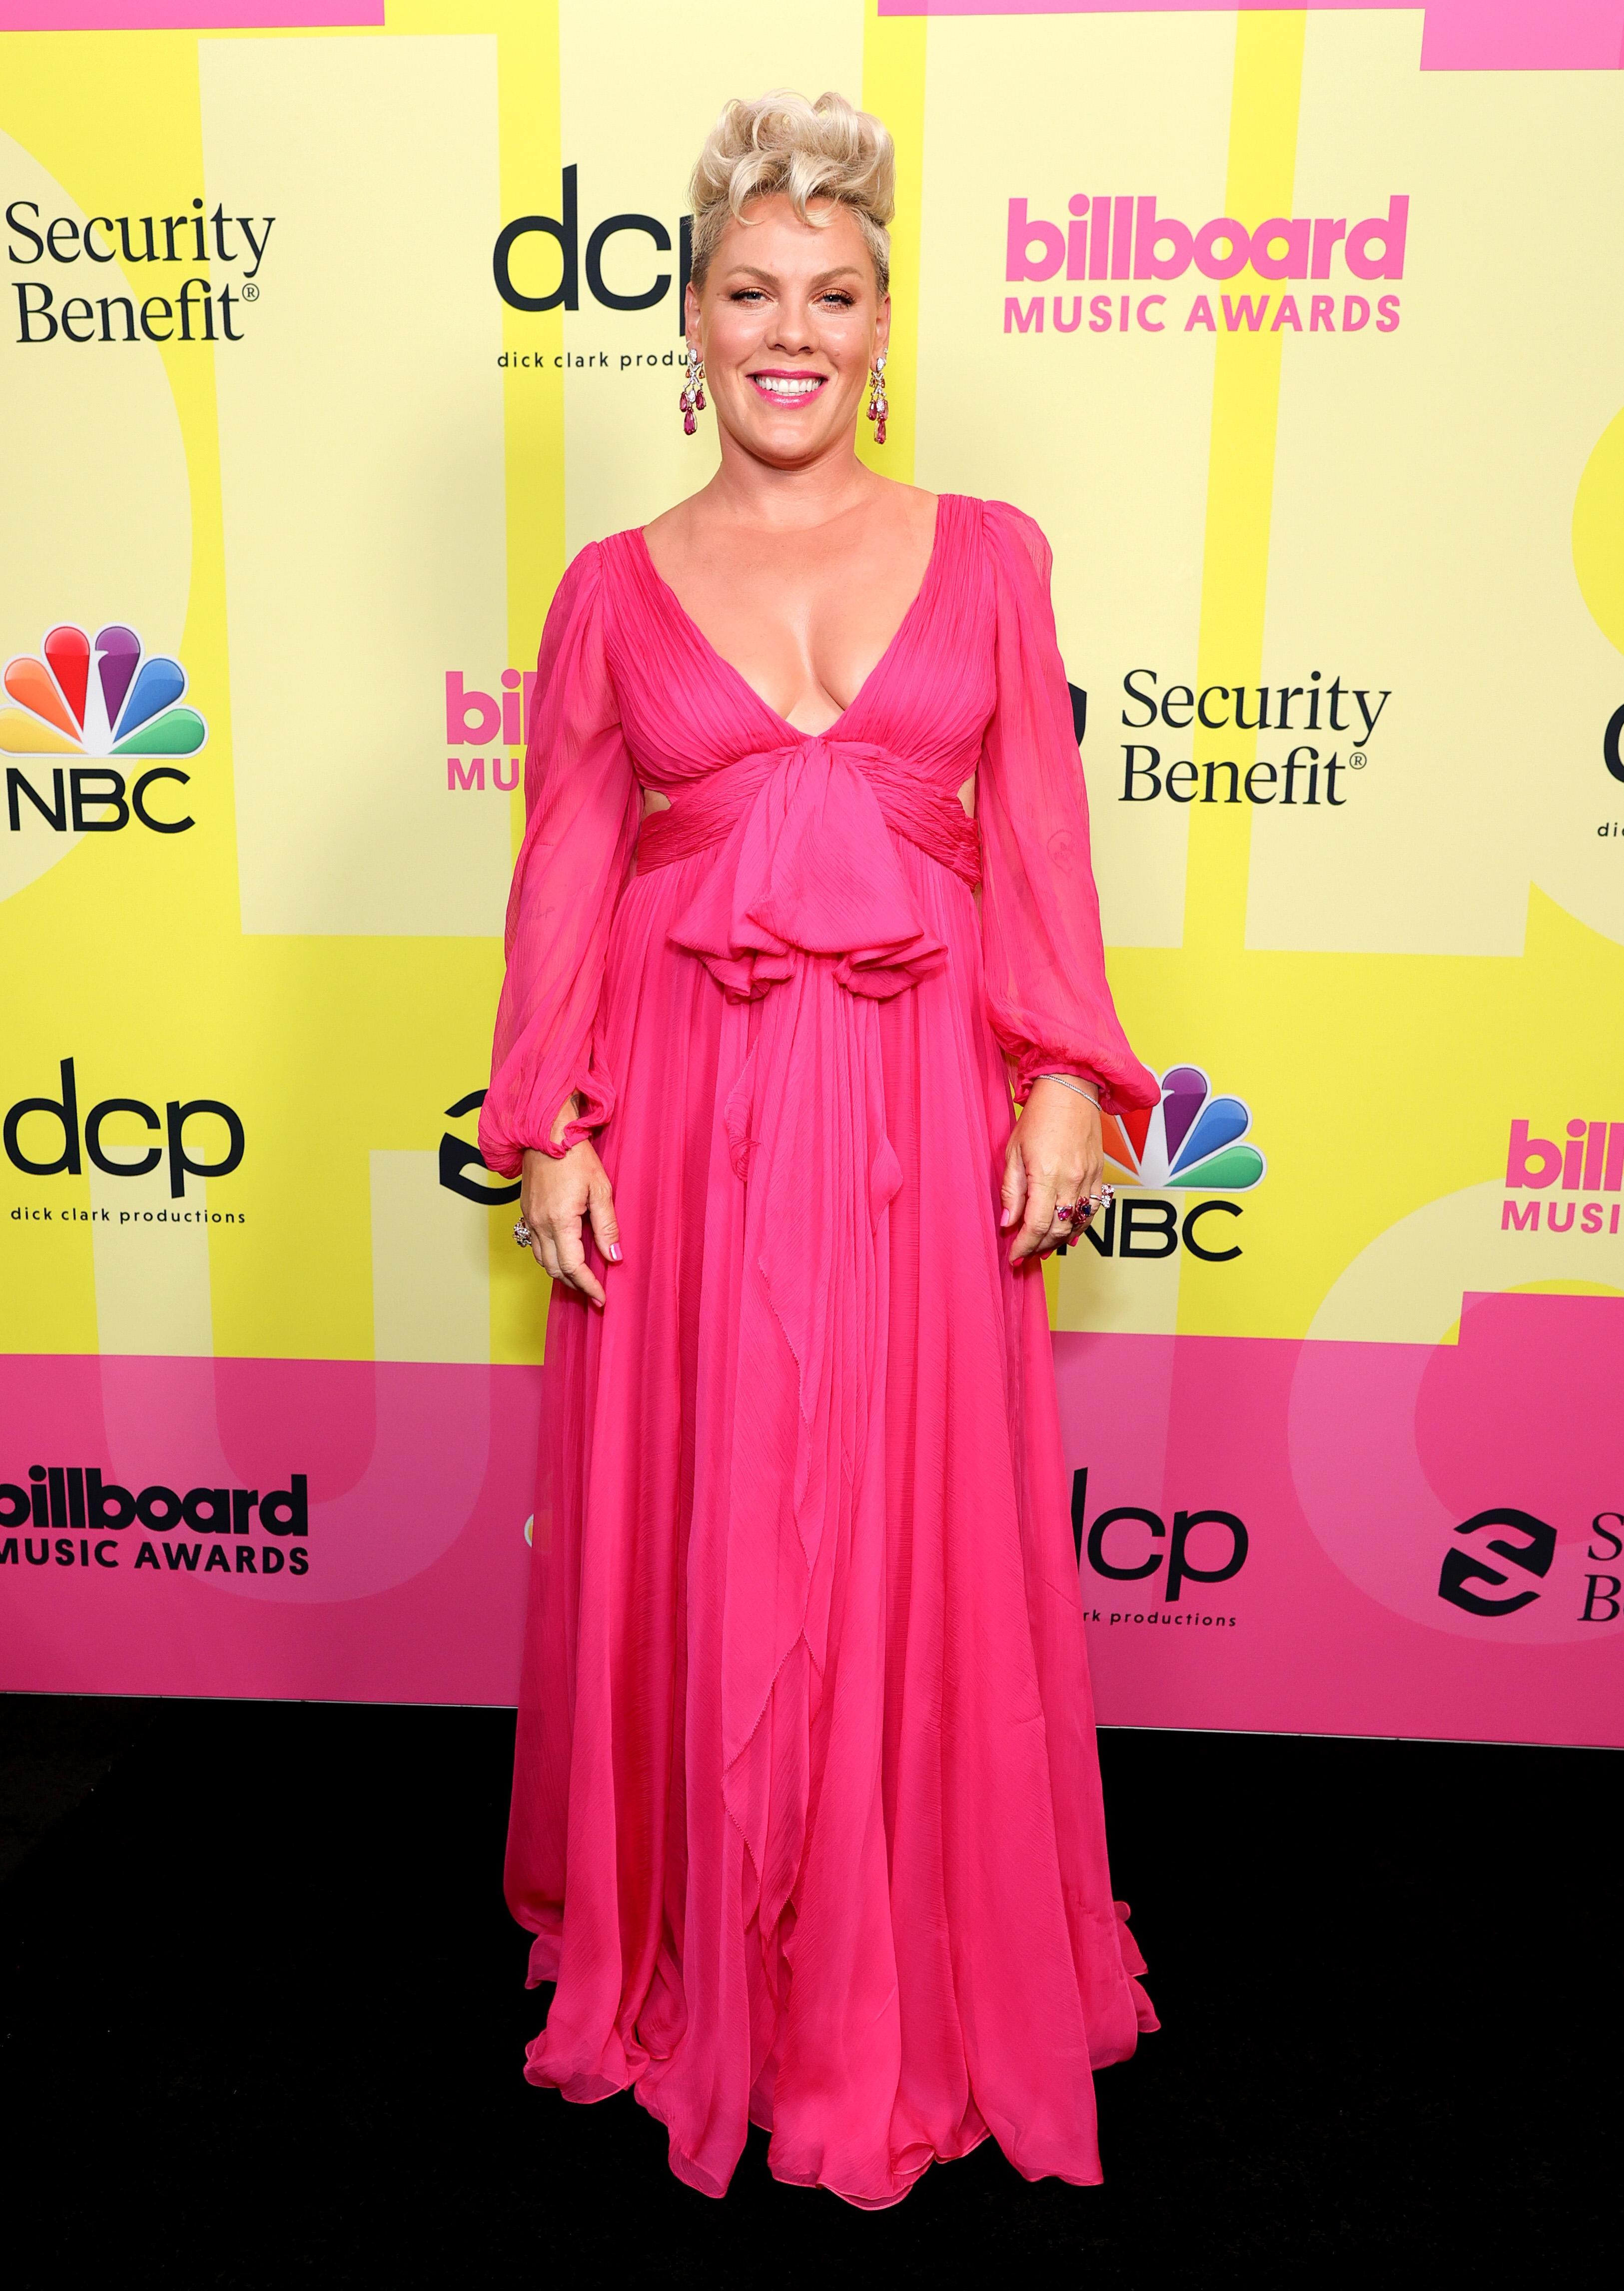 Pink usando vestido longo rosa esvoaçante no Billboard Music Awards 2021. Ela está sorrindo e olhando para a câmera.